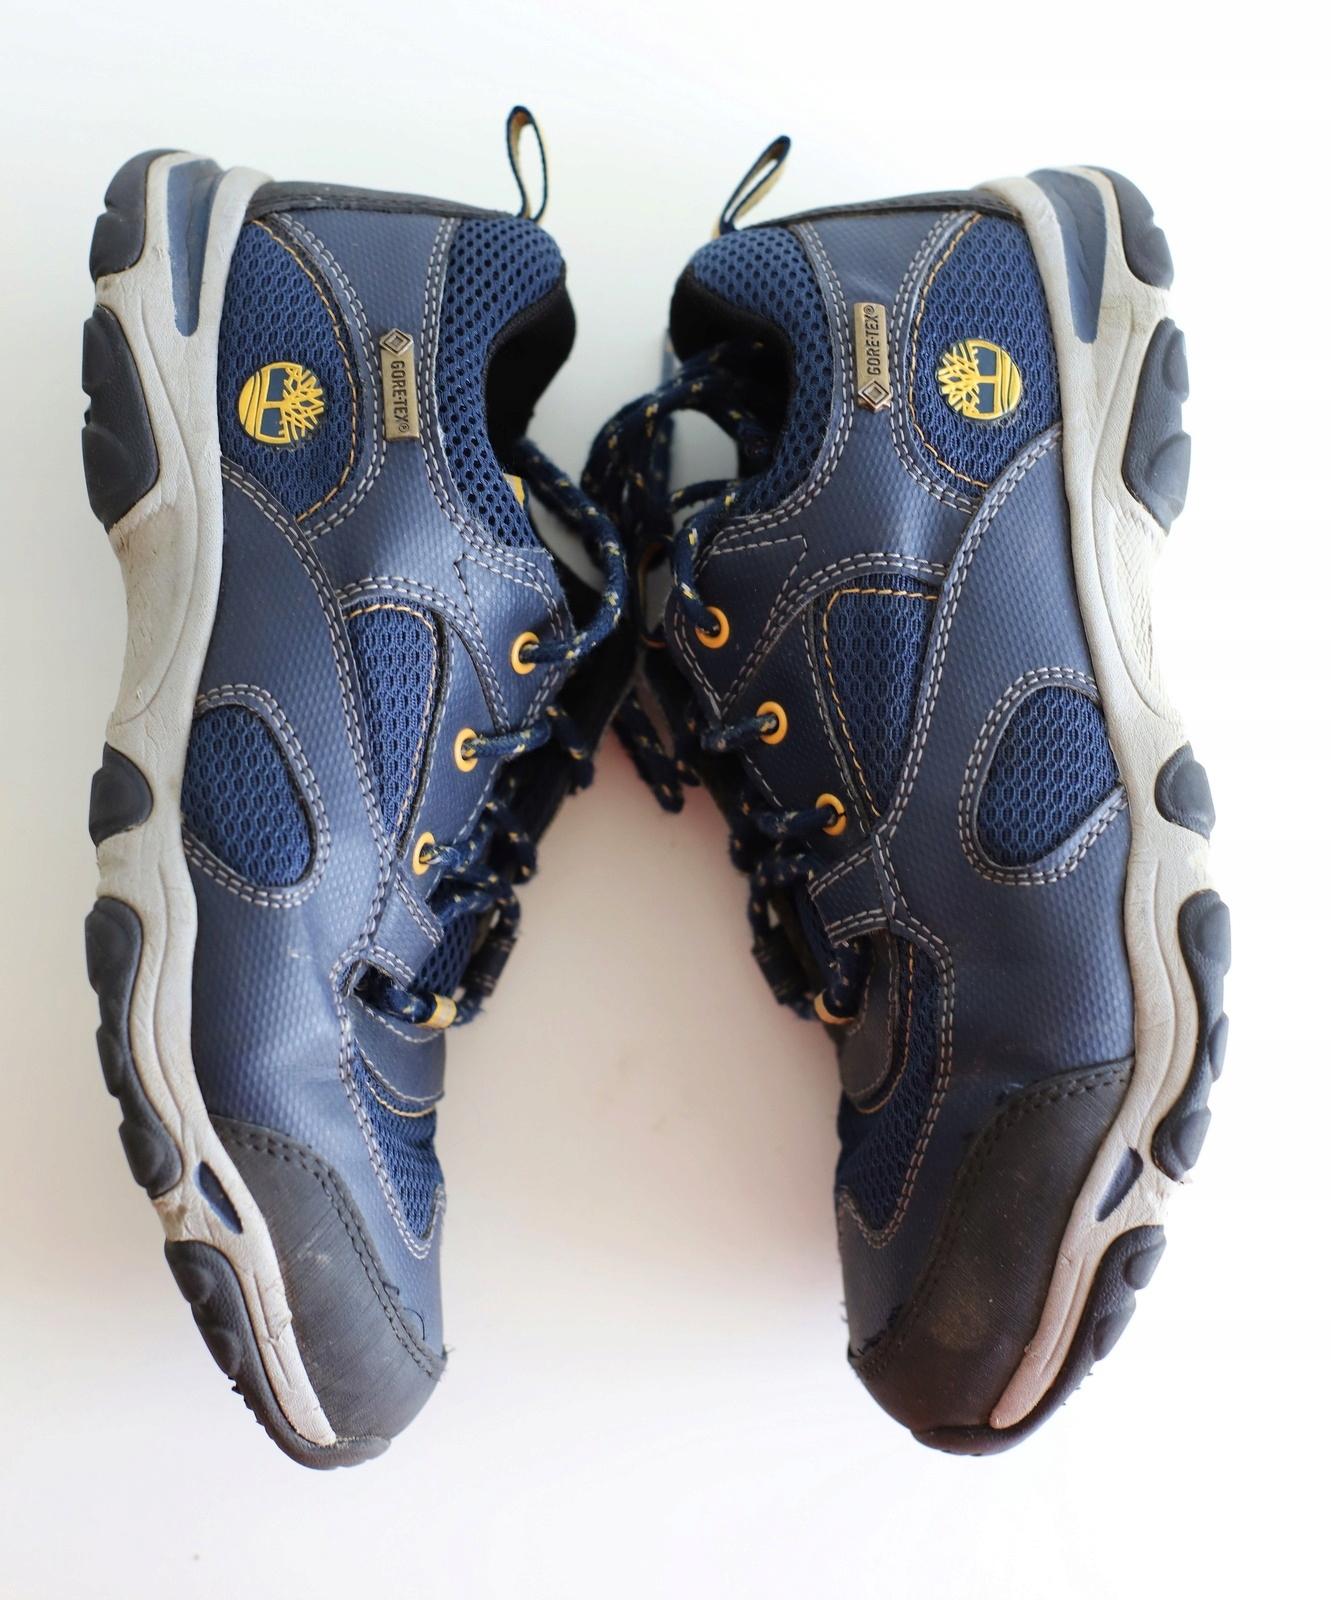 Timberland buty trekkingowe adidasy goretex 37